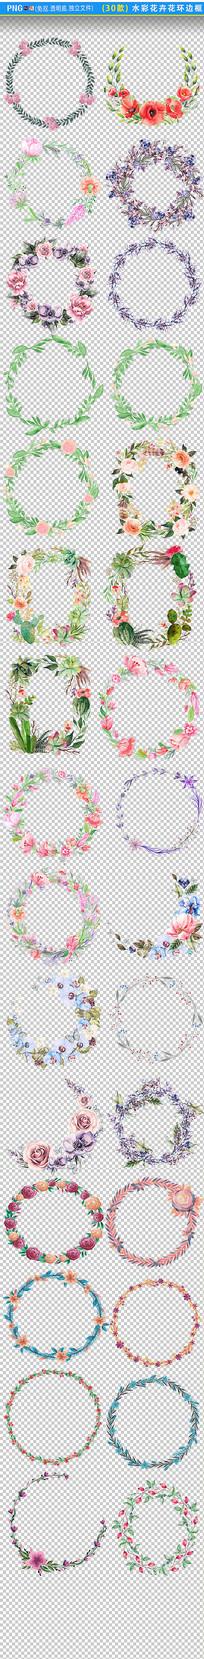 水彩花卉花环边框png